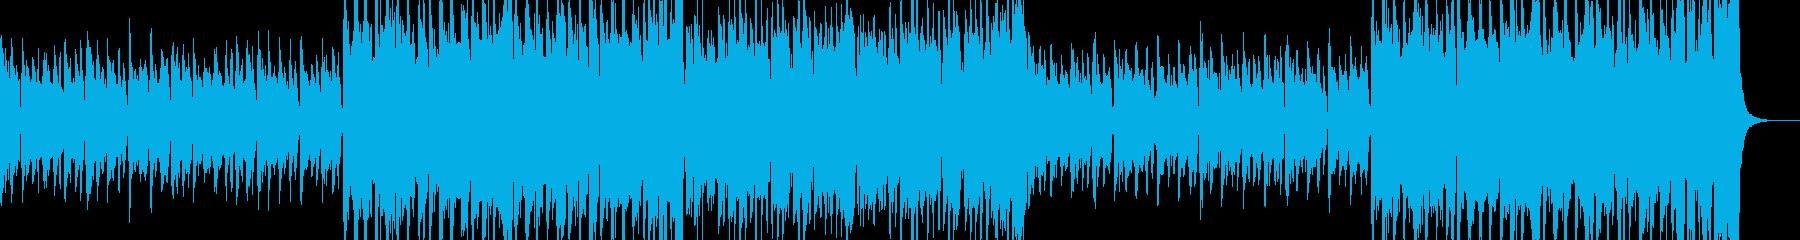 怪しく楽しいハロウィン風BGMの再生済みの波形